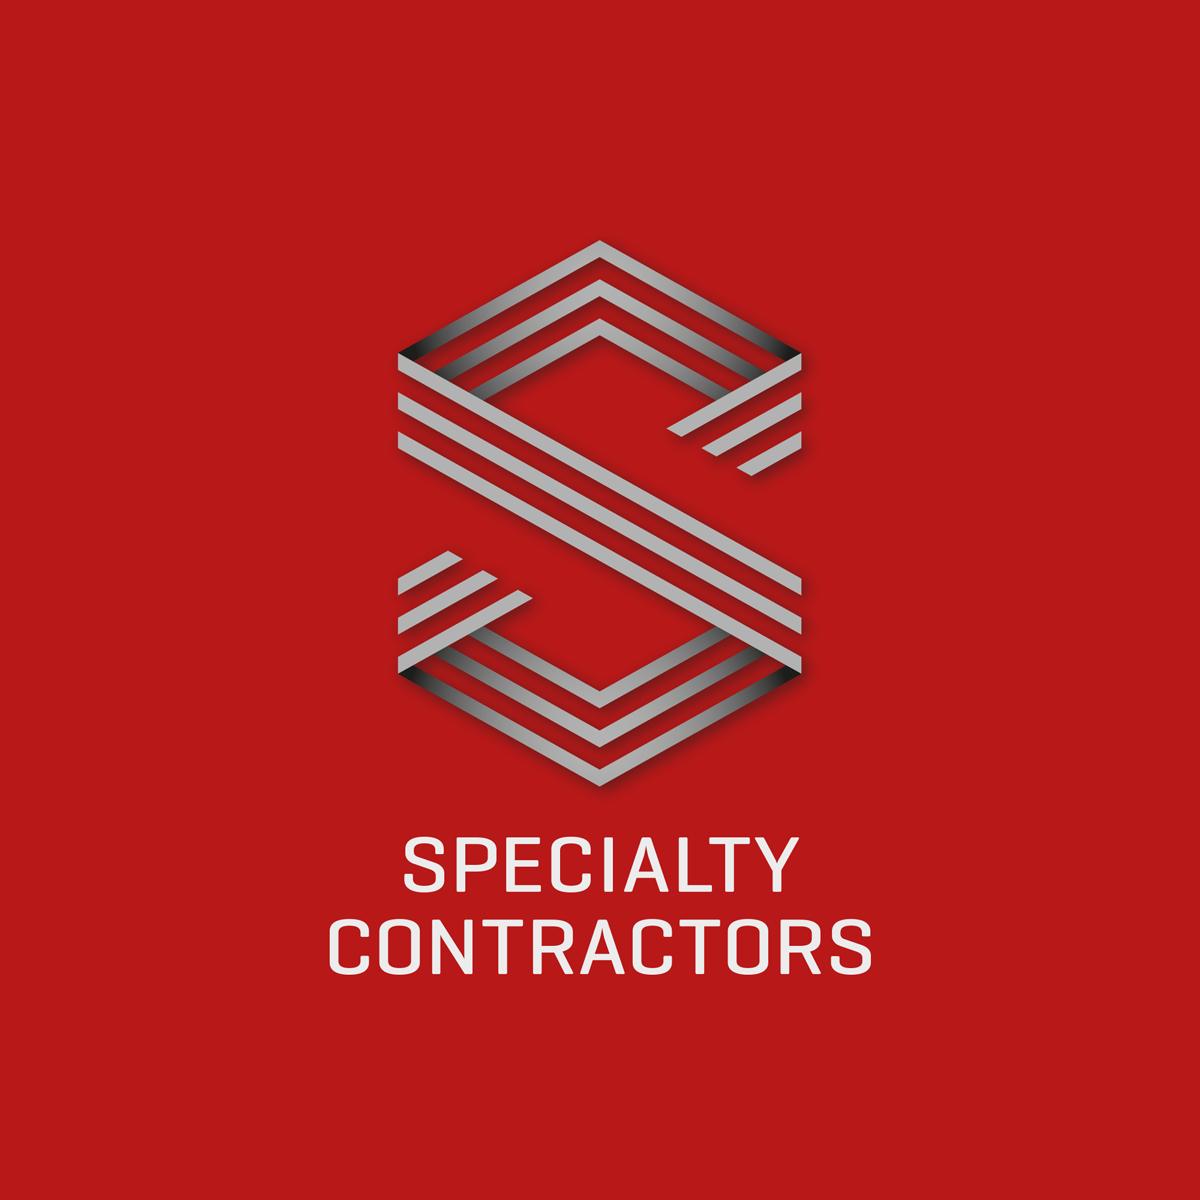 Specialty Contractors